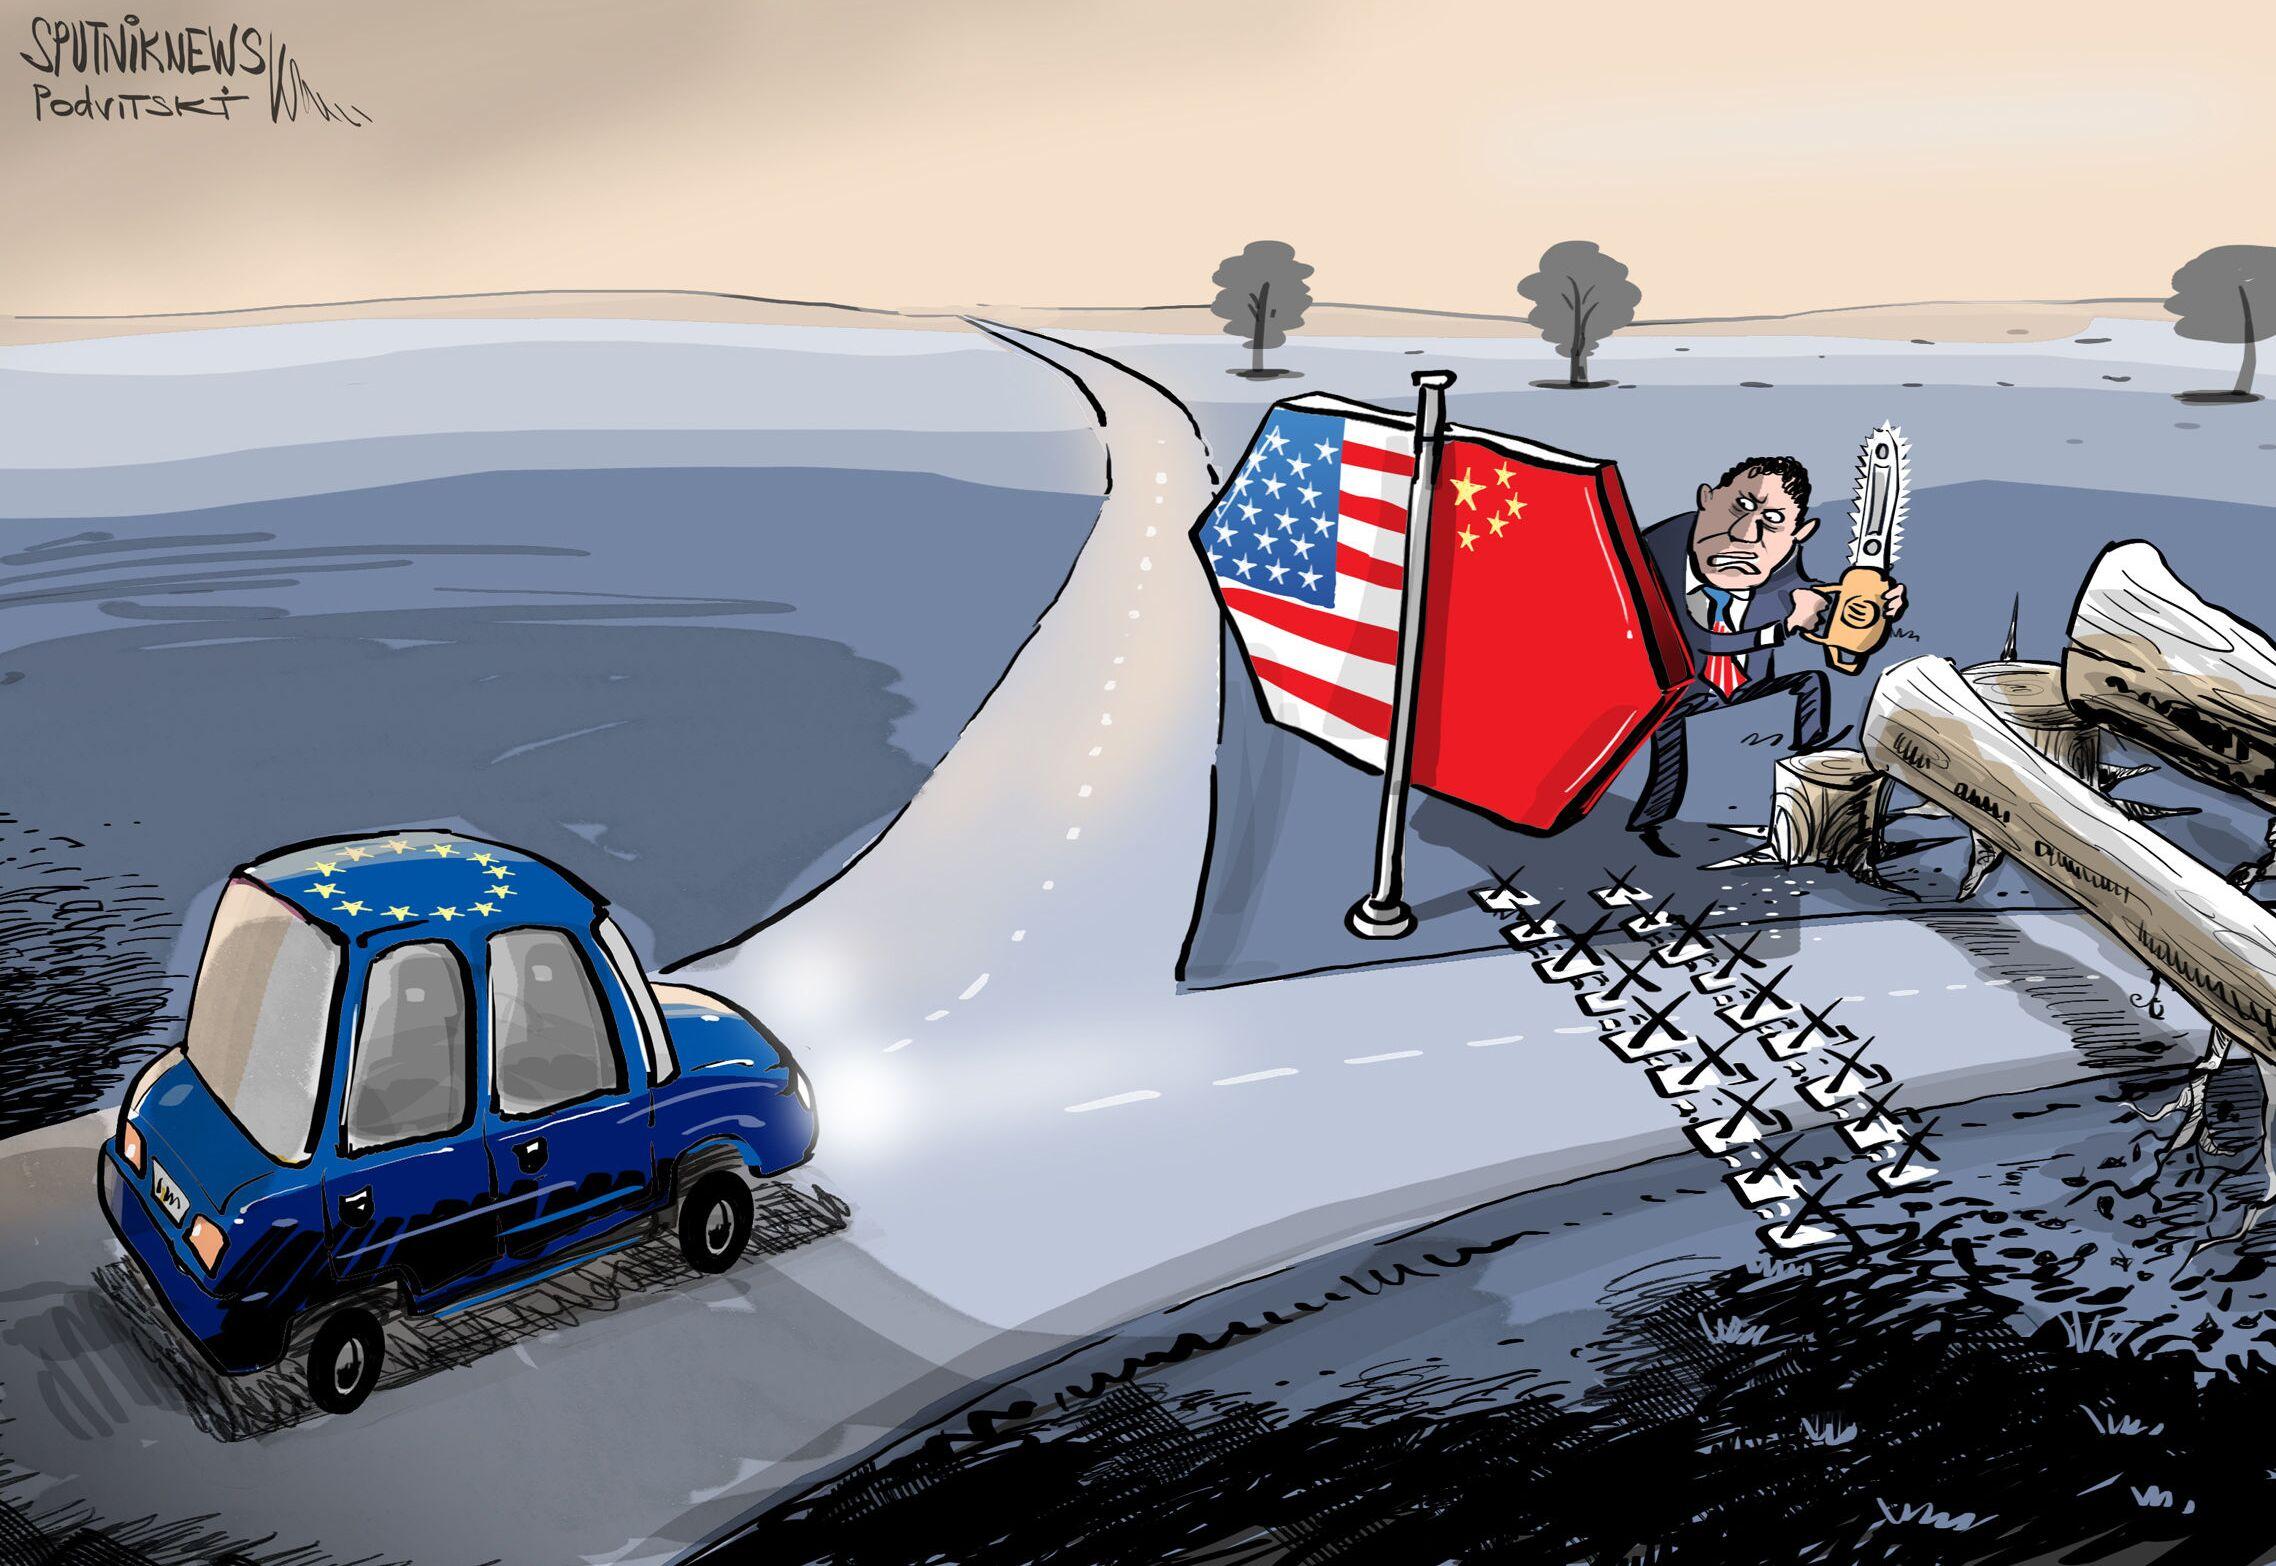 أمريكا: نحن لا نطالب الشركاء الاختيار بيننا وبين الصين